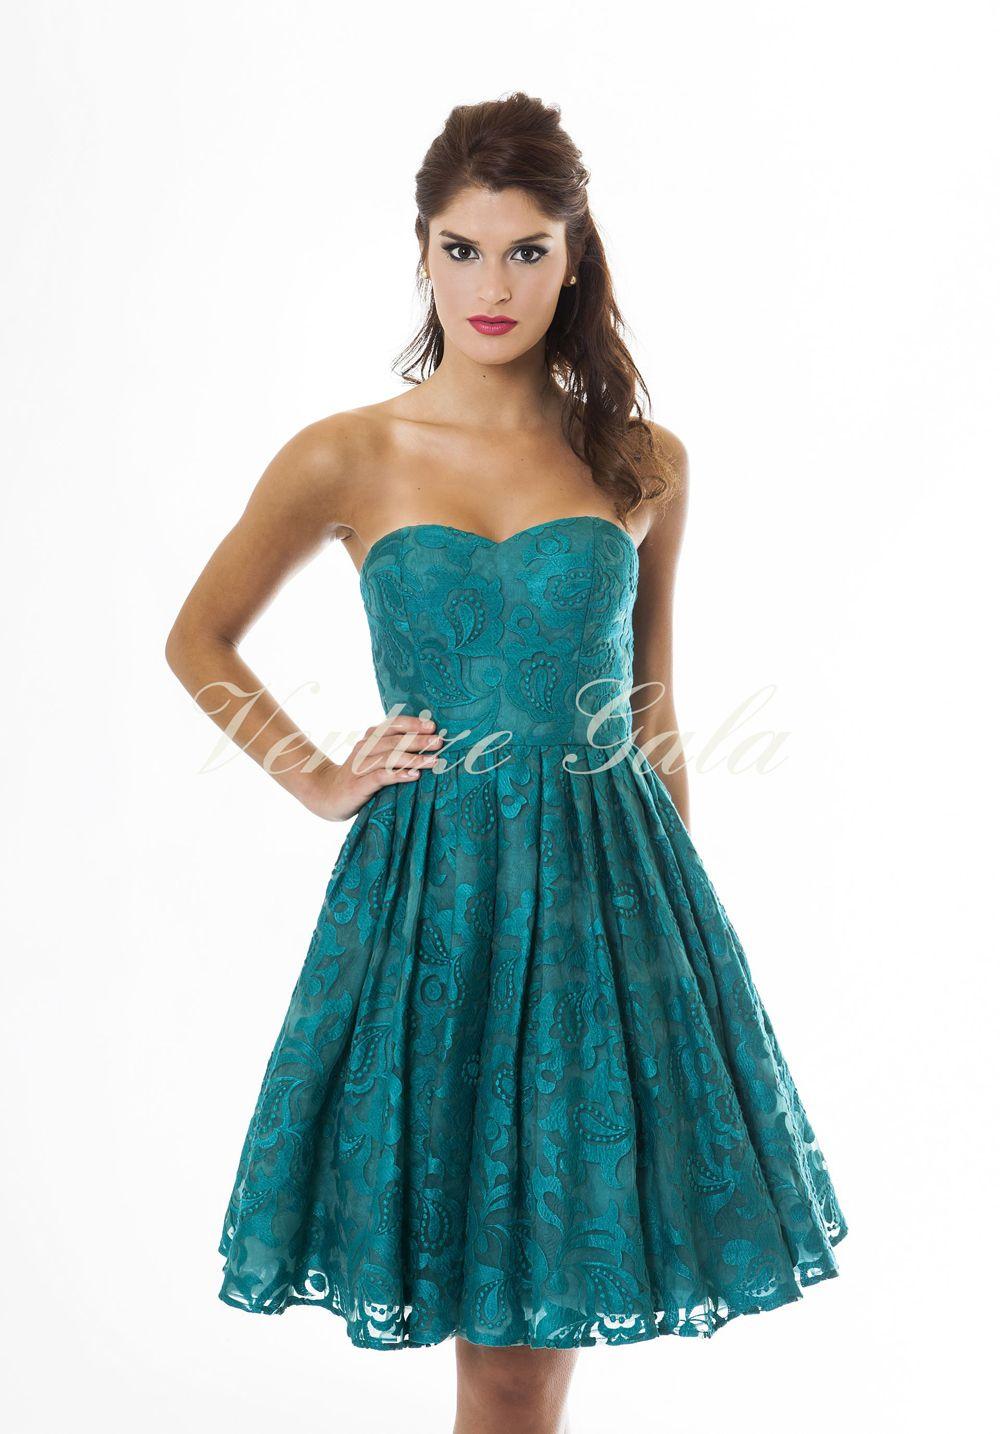 Modelos 2016 en tiendas Vertize Gala Comunidad de Madrid (Getafe ...